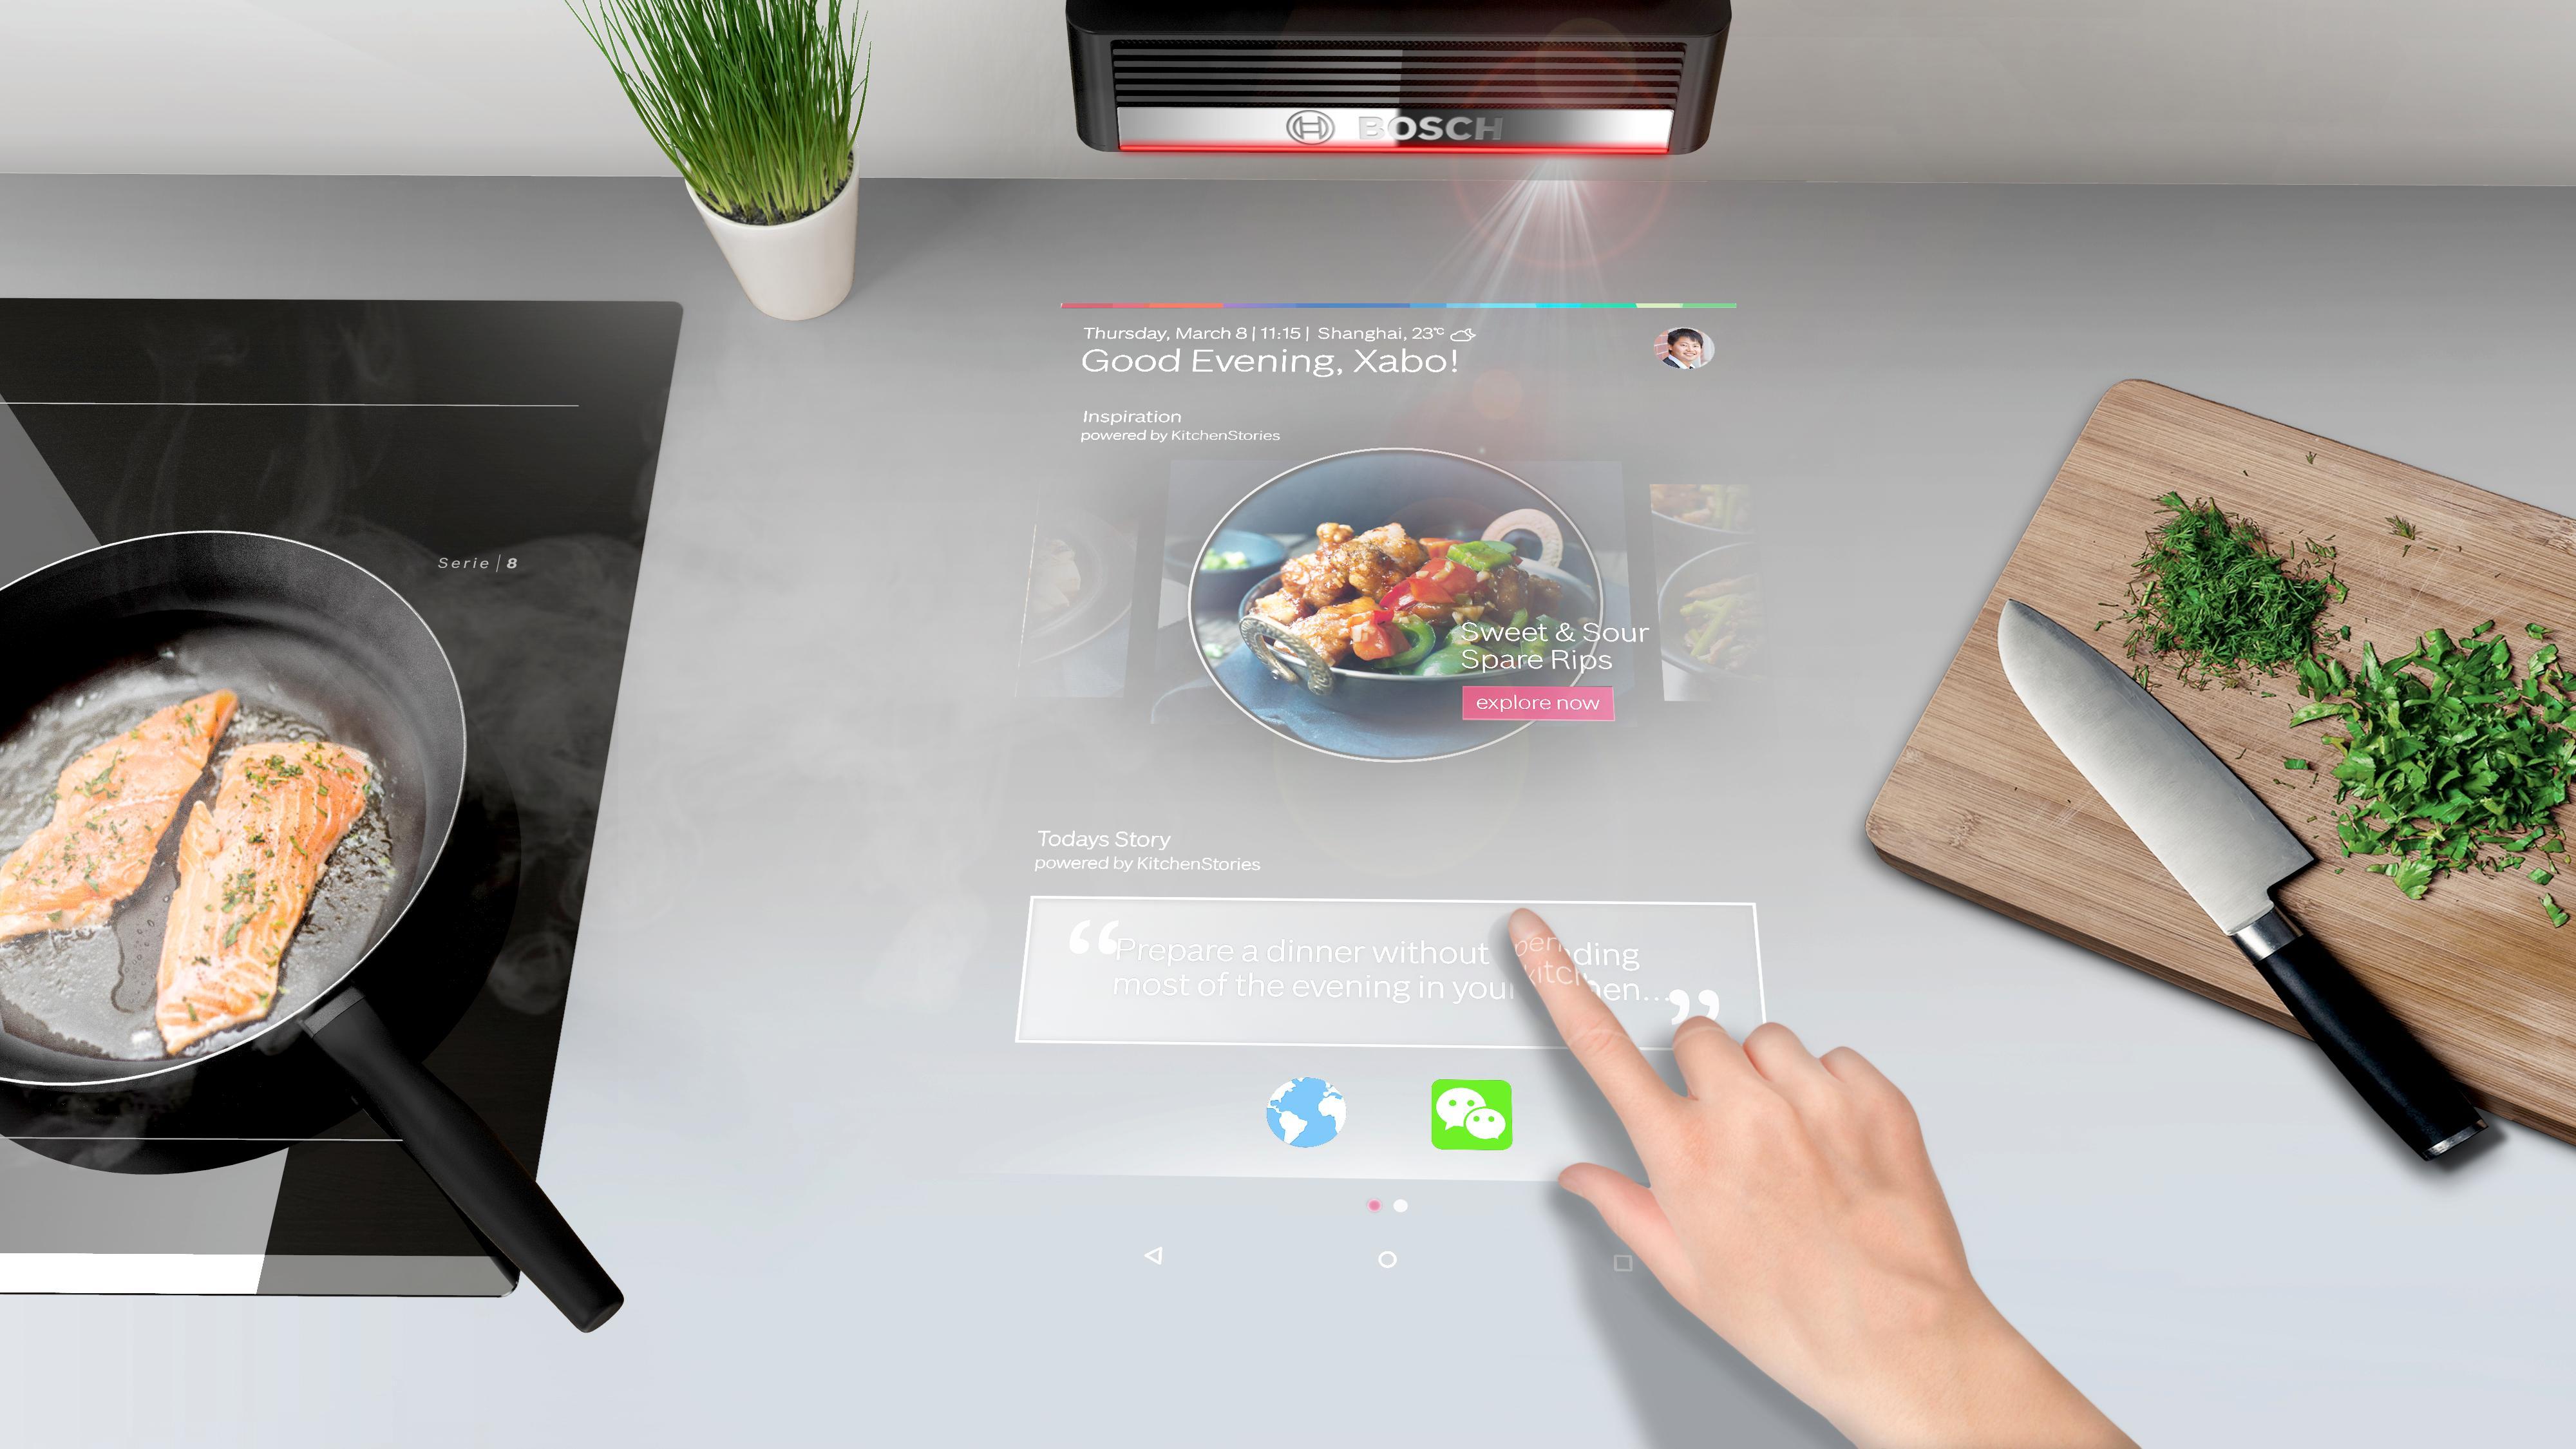 Vaření bez ulepených dotykových displejů: Projektor PAI